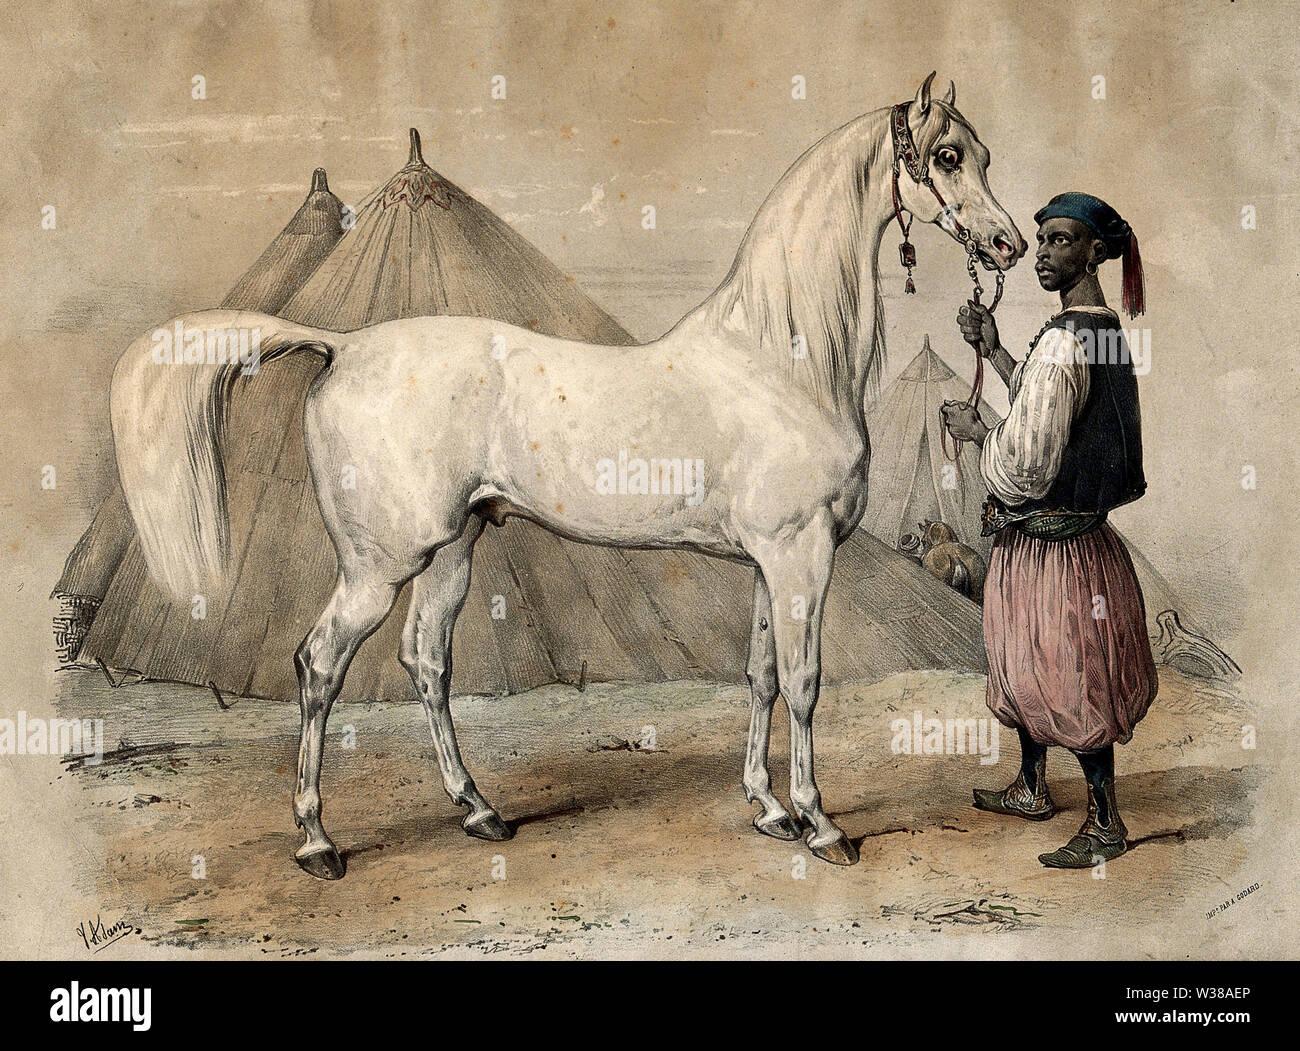 Ein Knecht in orientalischer Kleidung hält einen weißen arabischen Pferd durch die Zügel. Farbige Kreide Lithografie nach V. J. Adam. Stockbild